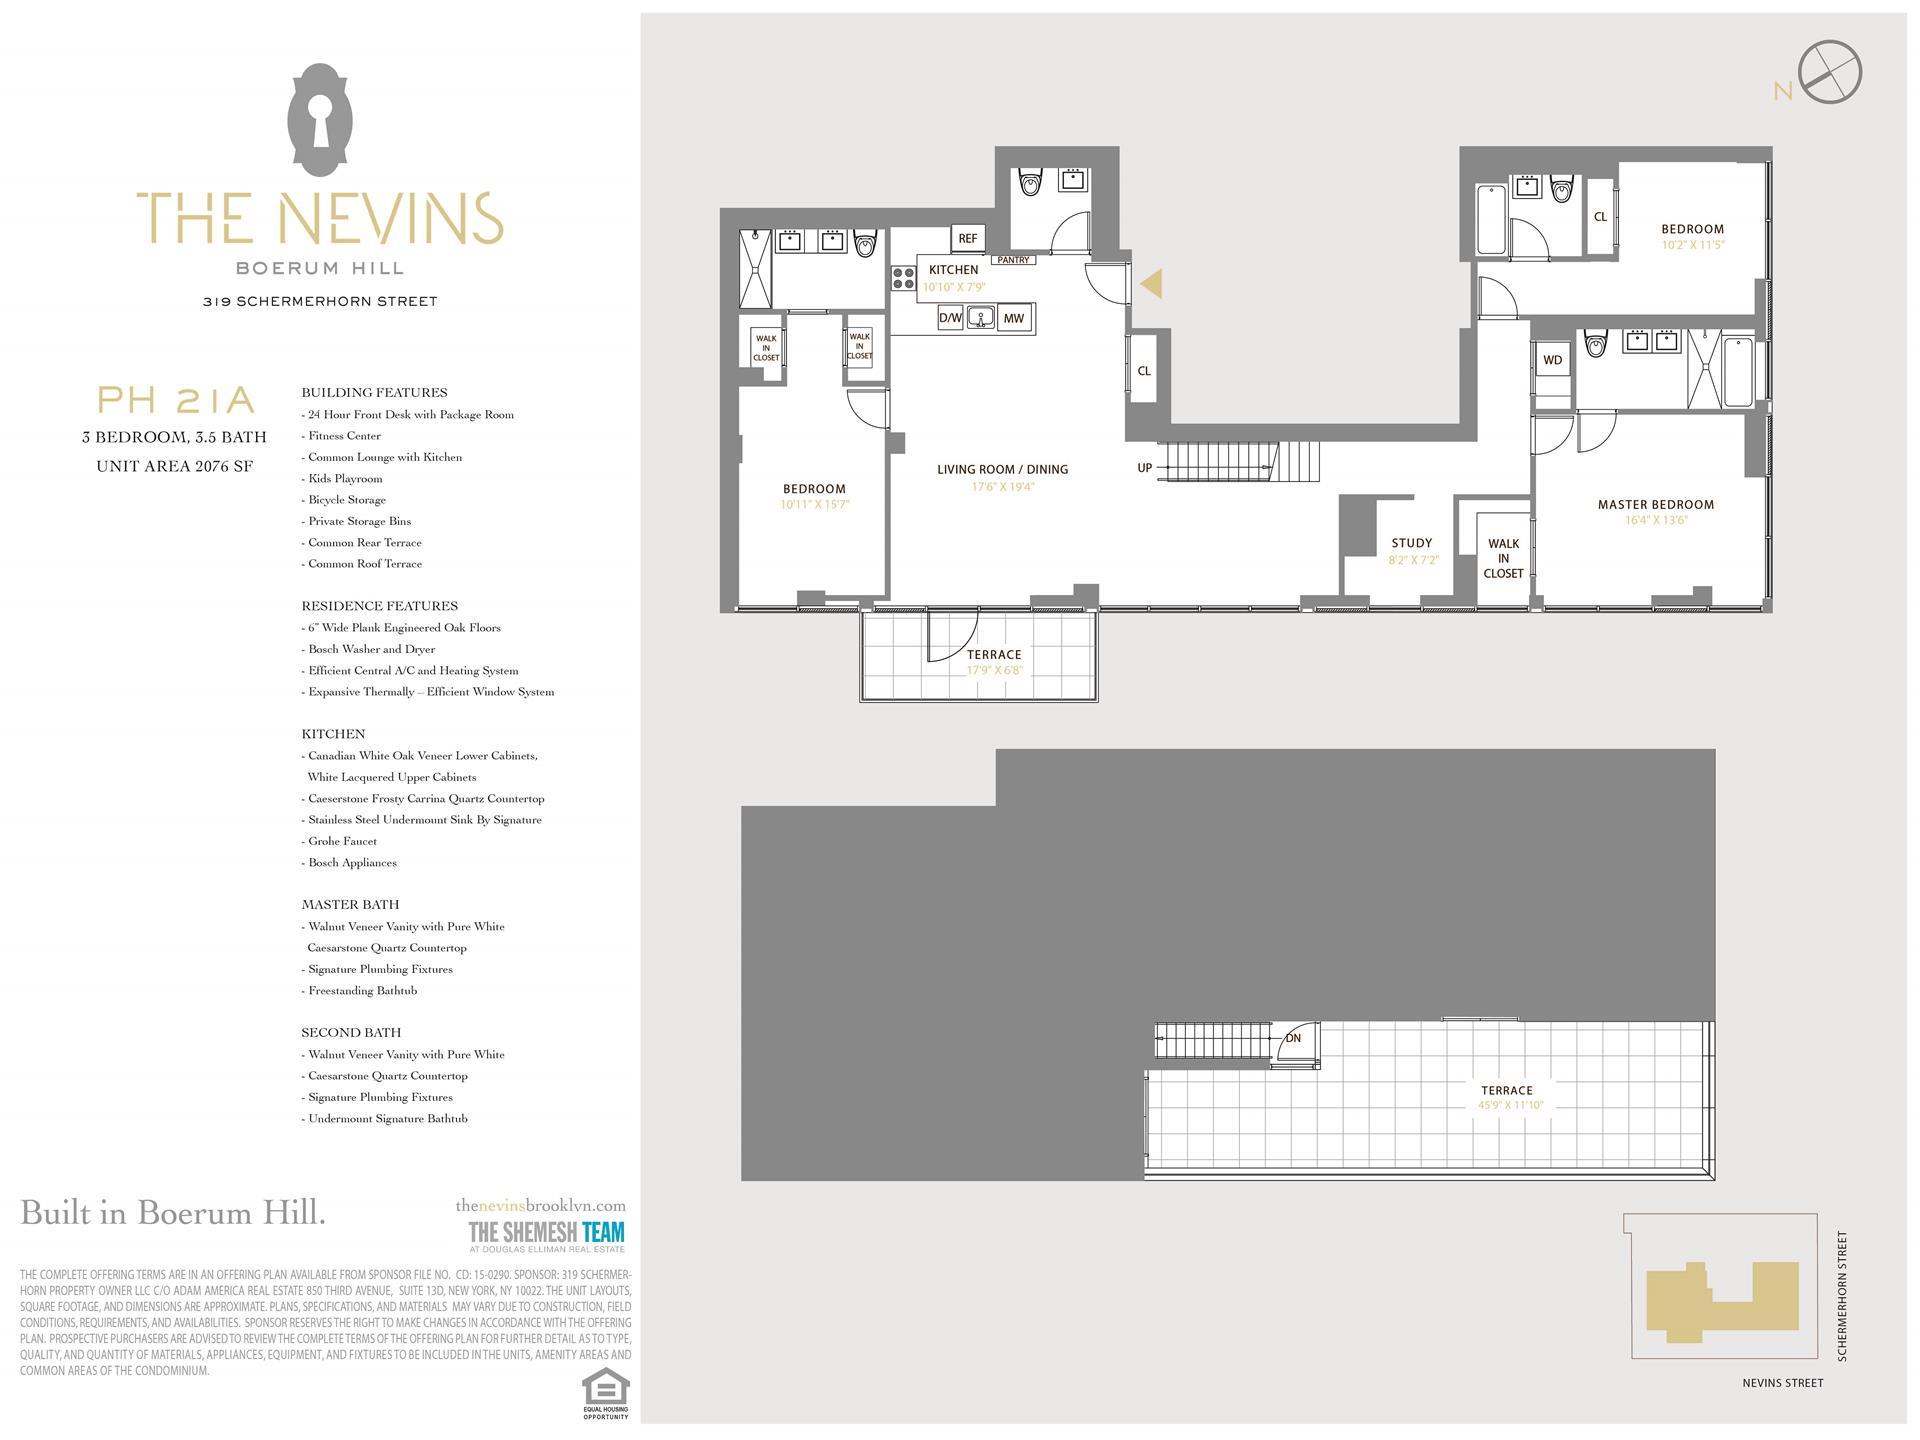 Floor plan of The Nevins, 319 Schermerhorn Street, PH21A - Boerum Hill, New York